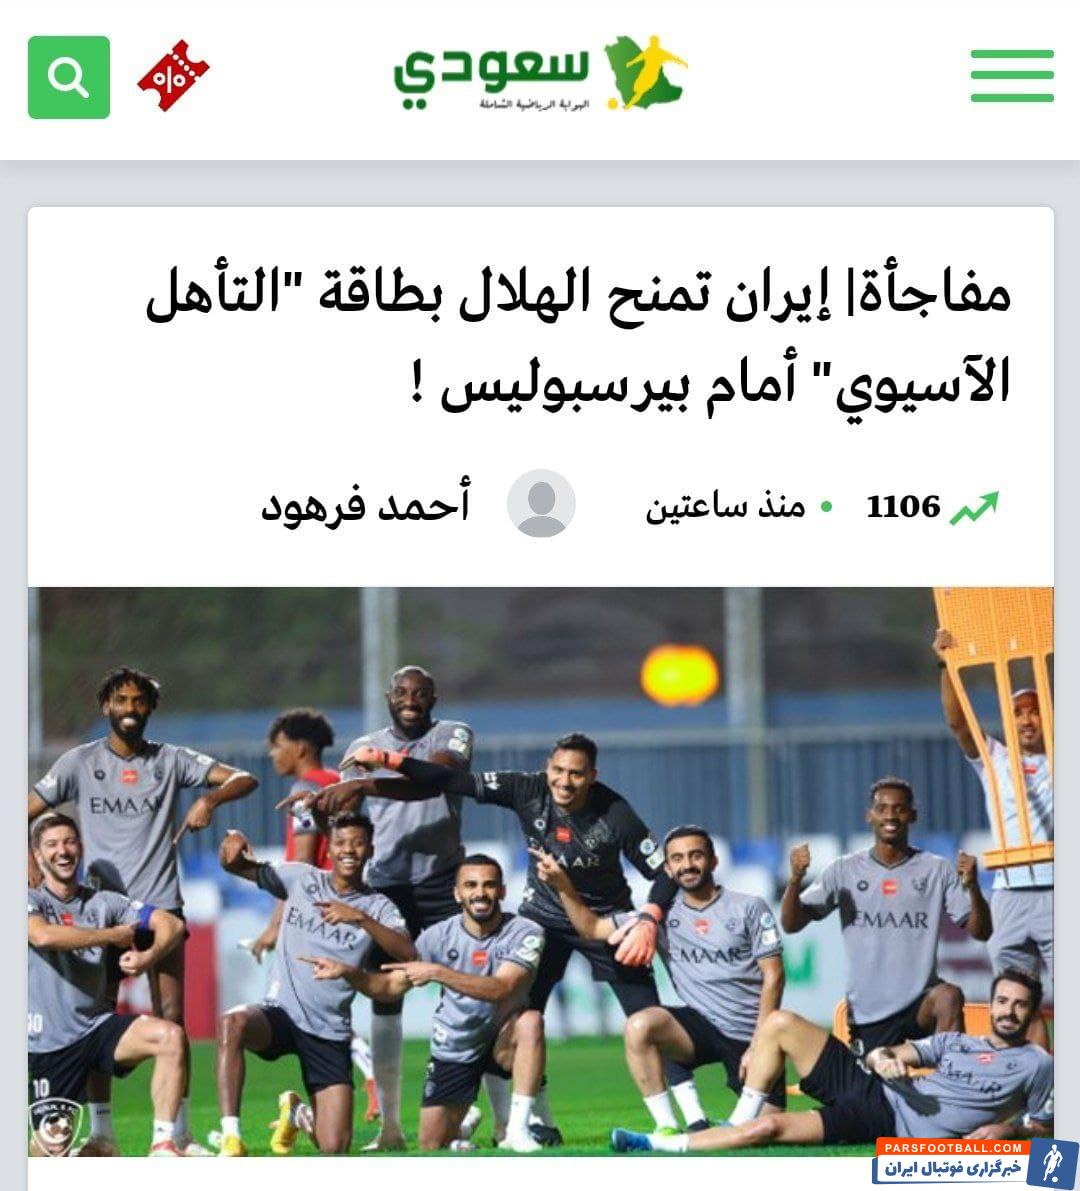 سعودی اسپورت : لطف لیگ برتر ایران به الهلال بر علیه پرسپولیس !